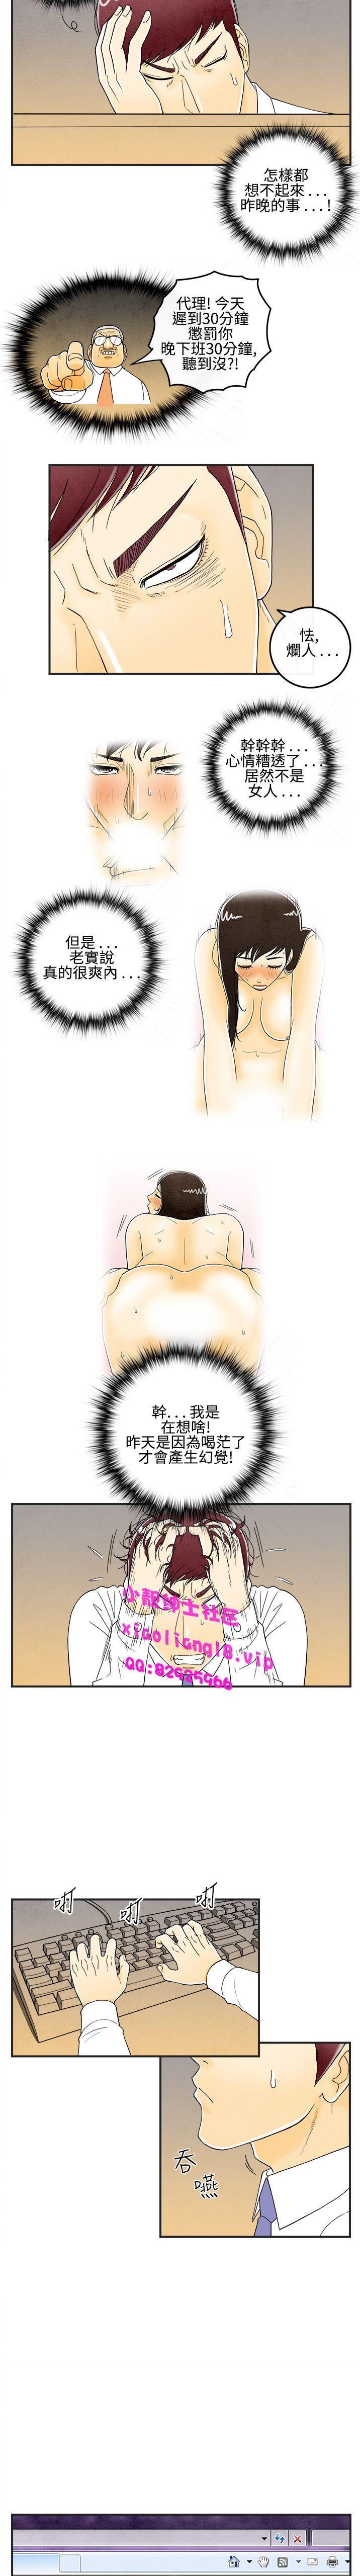 中文韩漫 离婚报告书 Ch.0-10 71